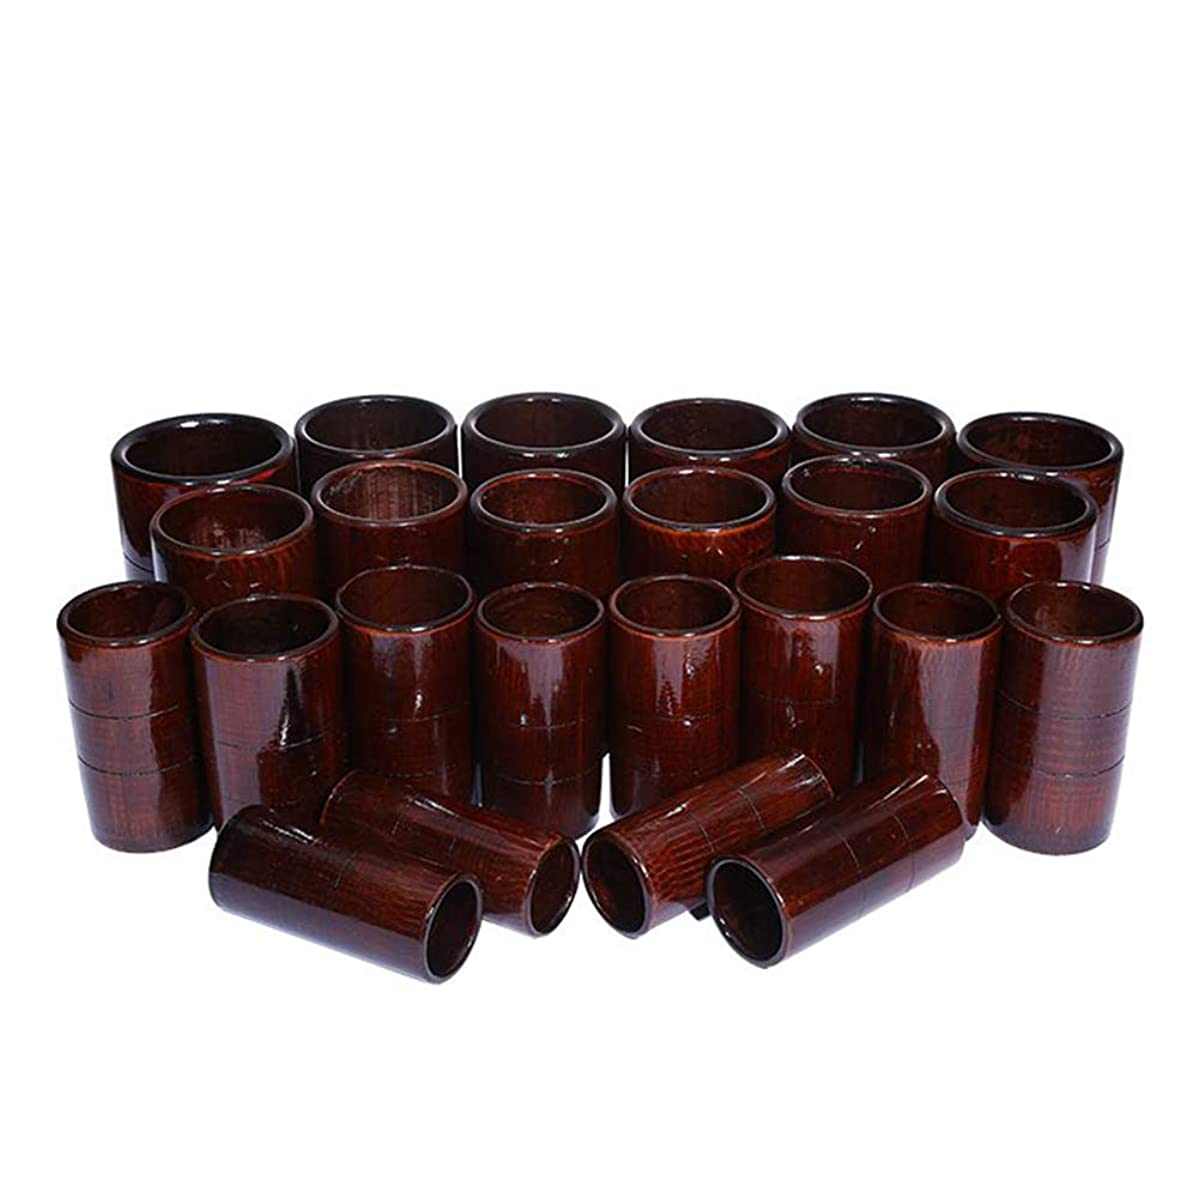 選出するエンティティハンディ竹鍼治療セット - 炭缶ボディ医療吸引セット - カッピングマッサージバキュームカップ,D24pcs